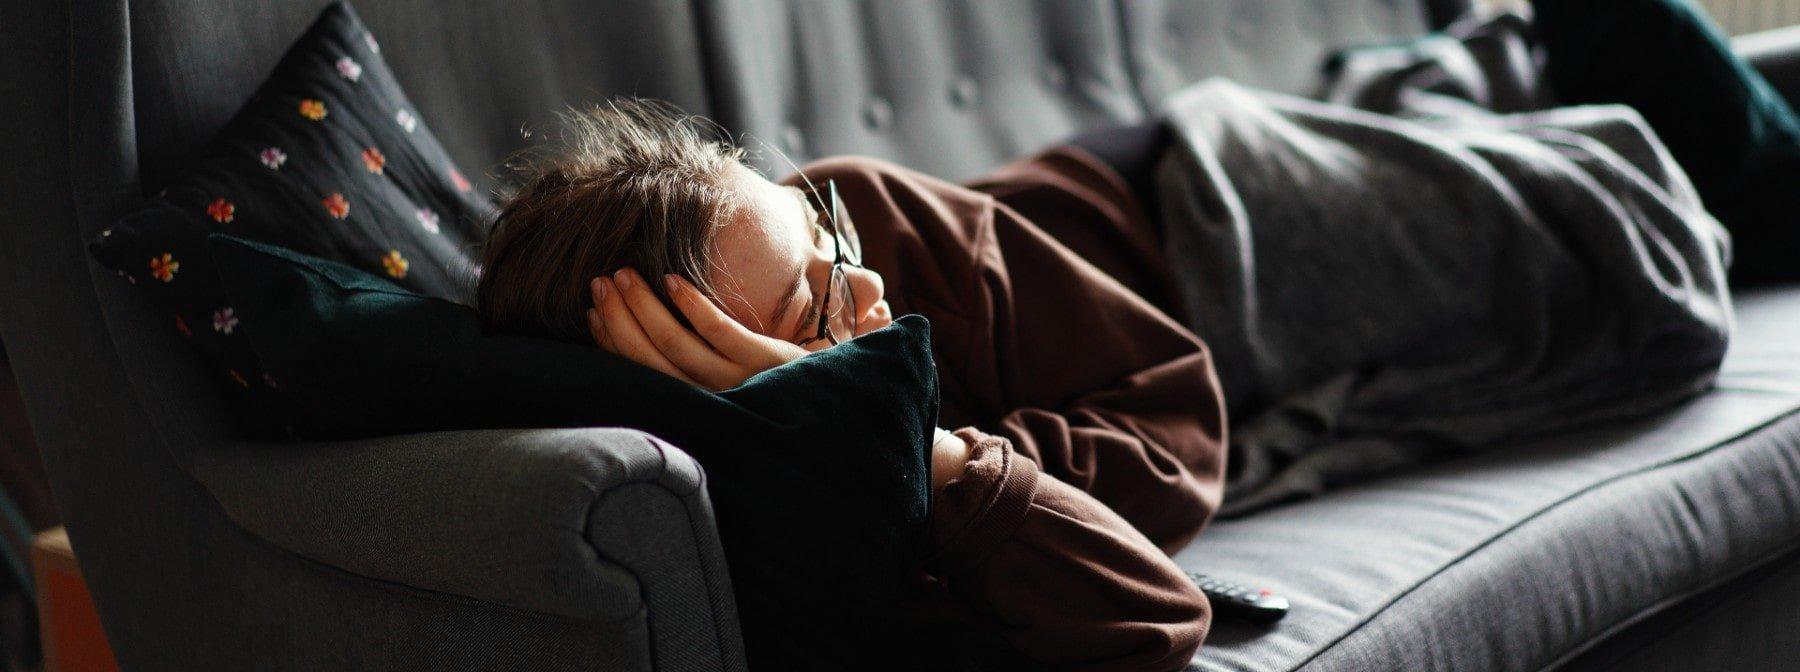 Kurze Nickerchen gleichen Schlafdefizit nicht aus - behauptet Studie